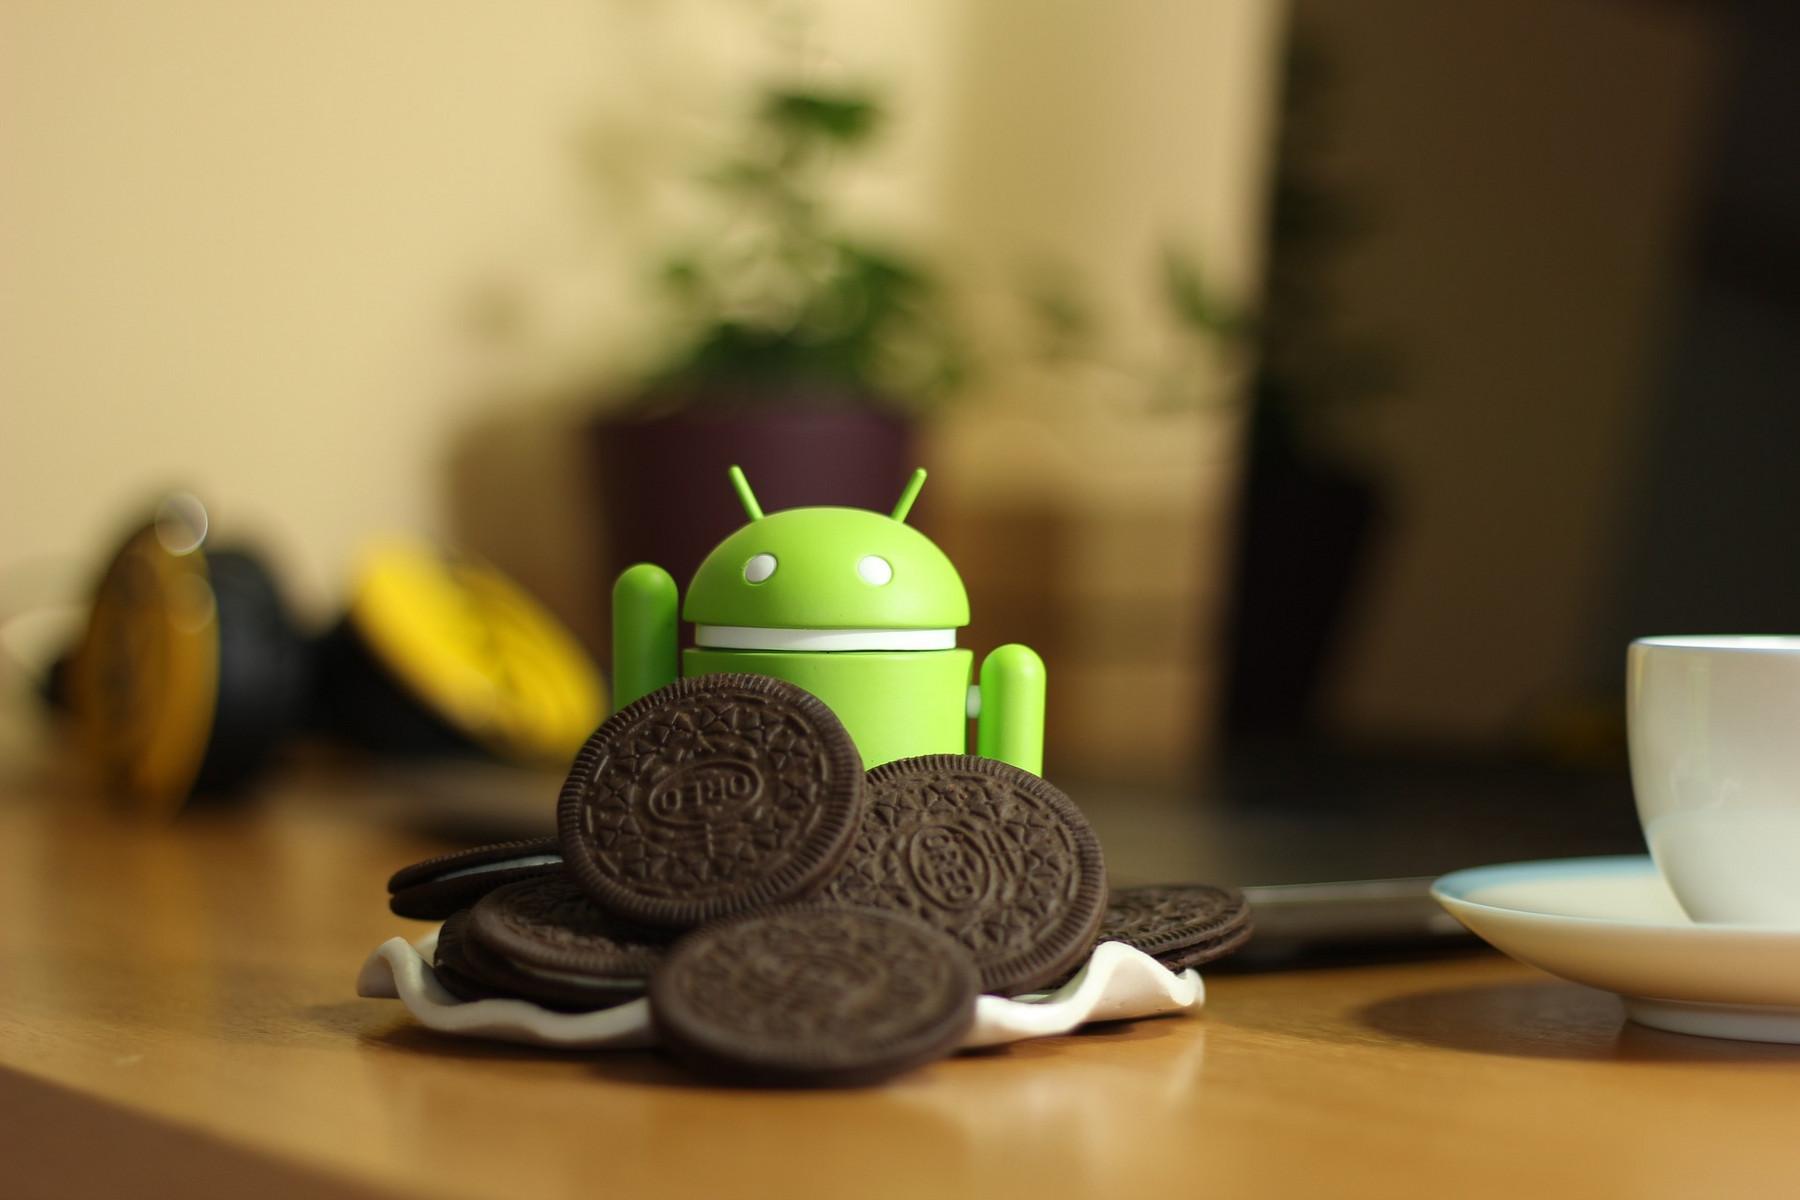 Android: Ab 2019 müssen alle Apps 64 Bit unterstützen